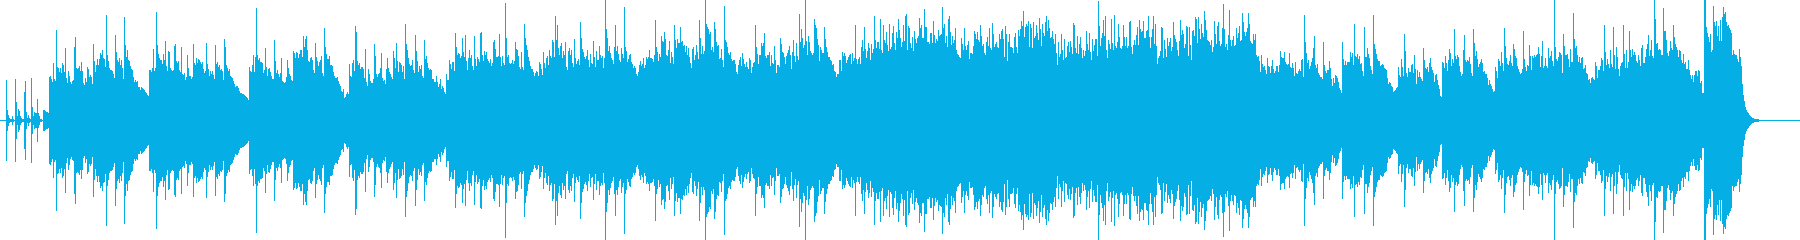 青い空をイメージしたポップスの再生済みの波形